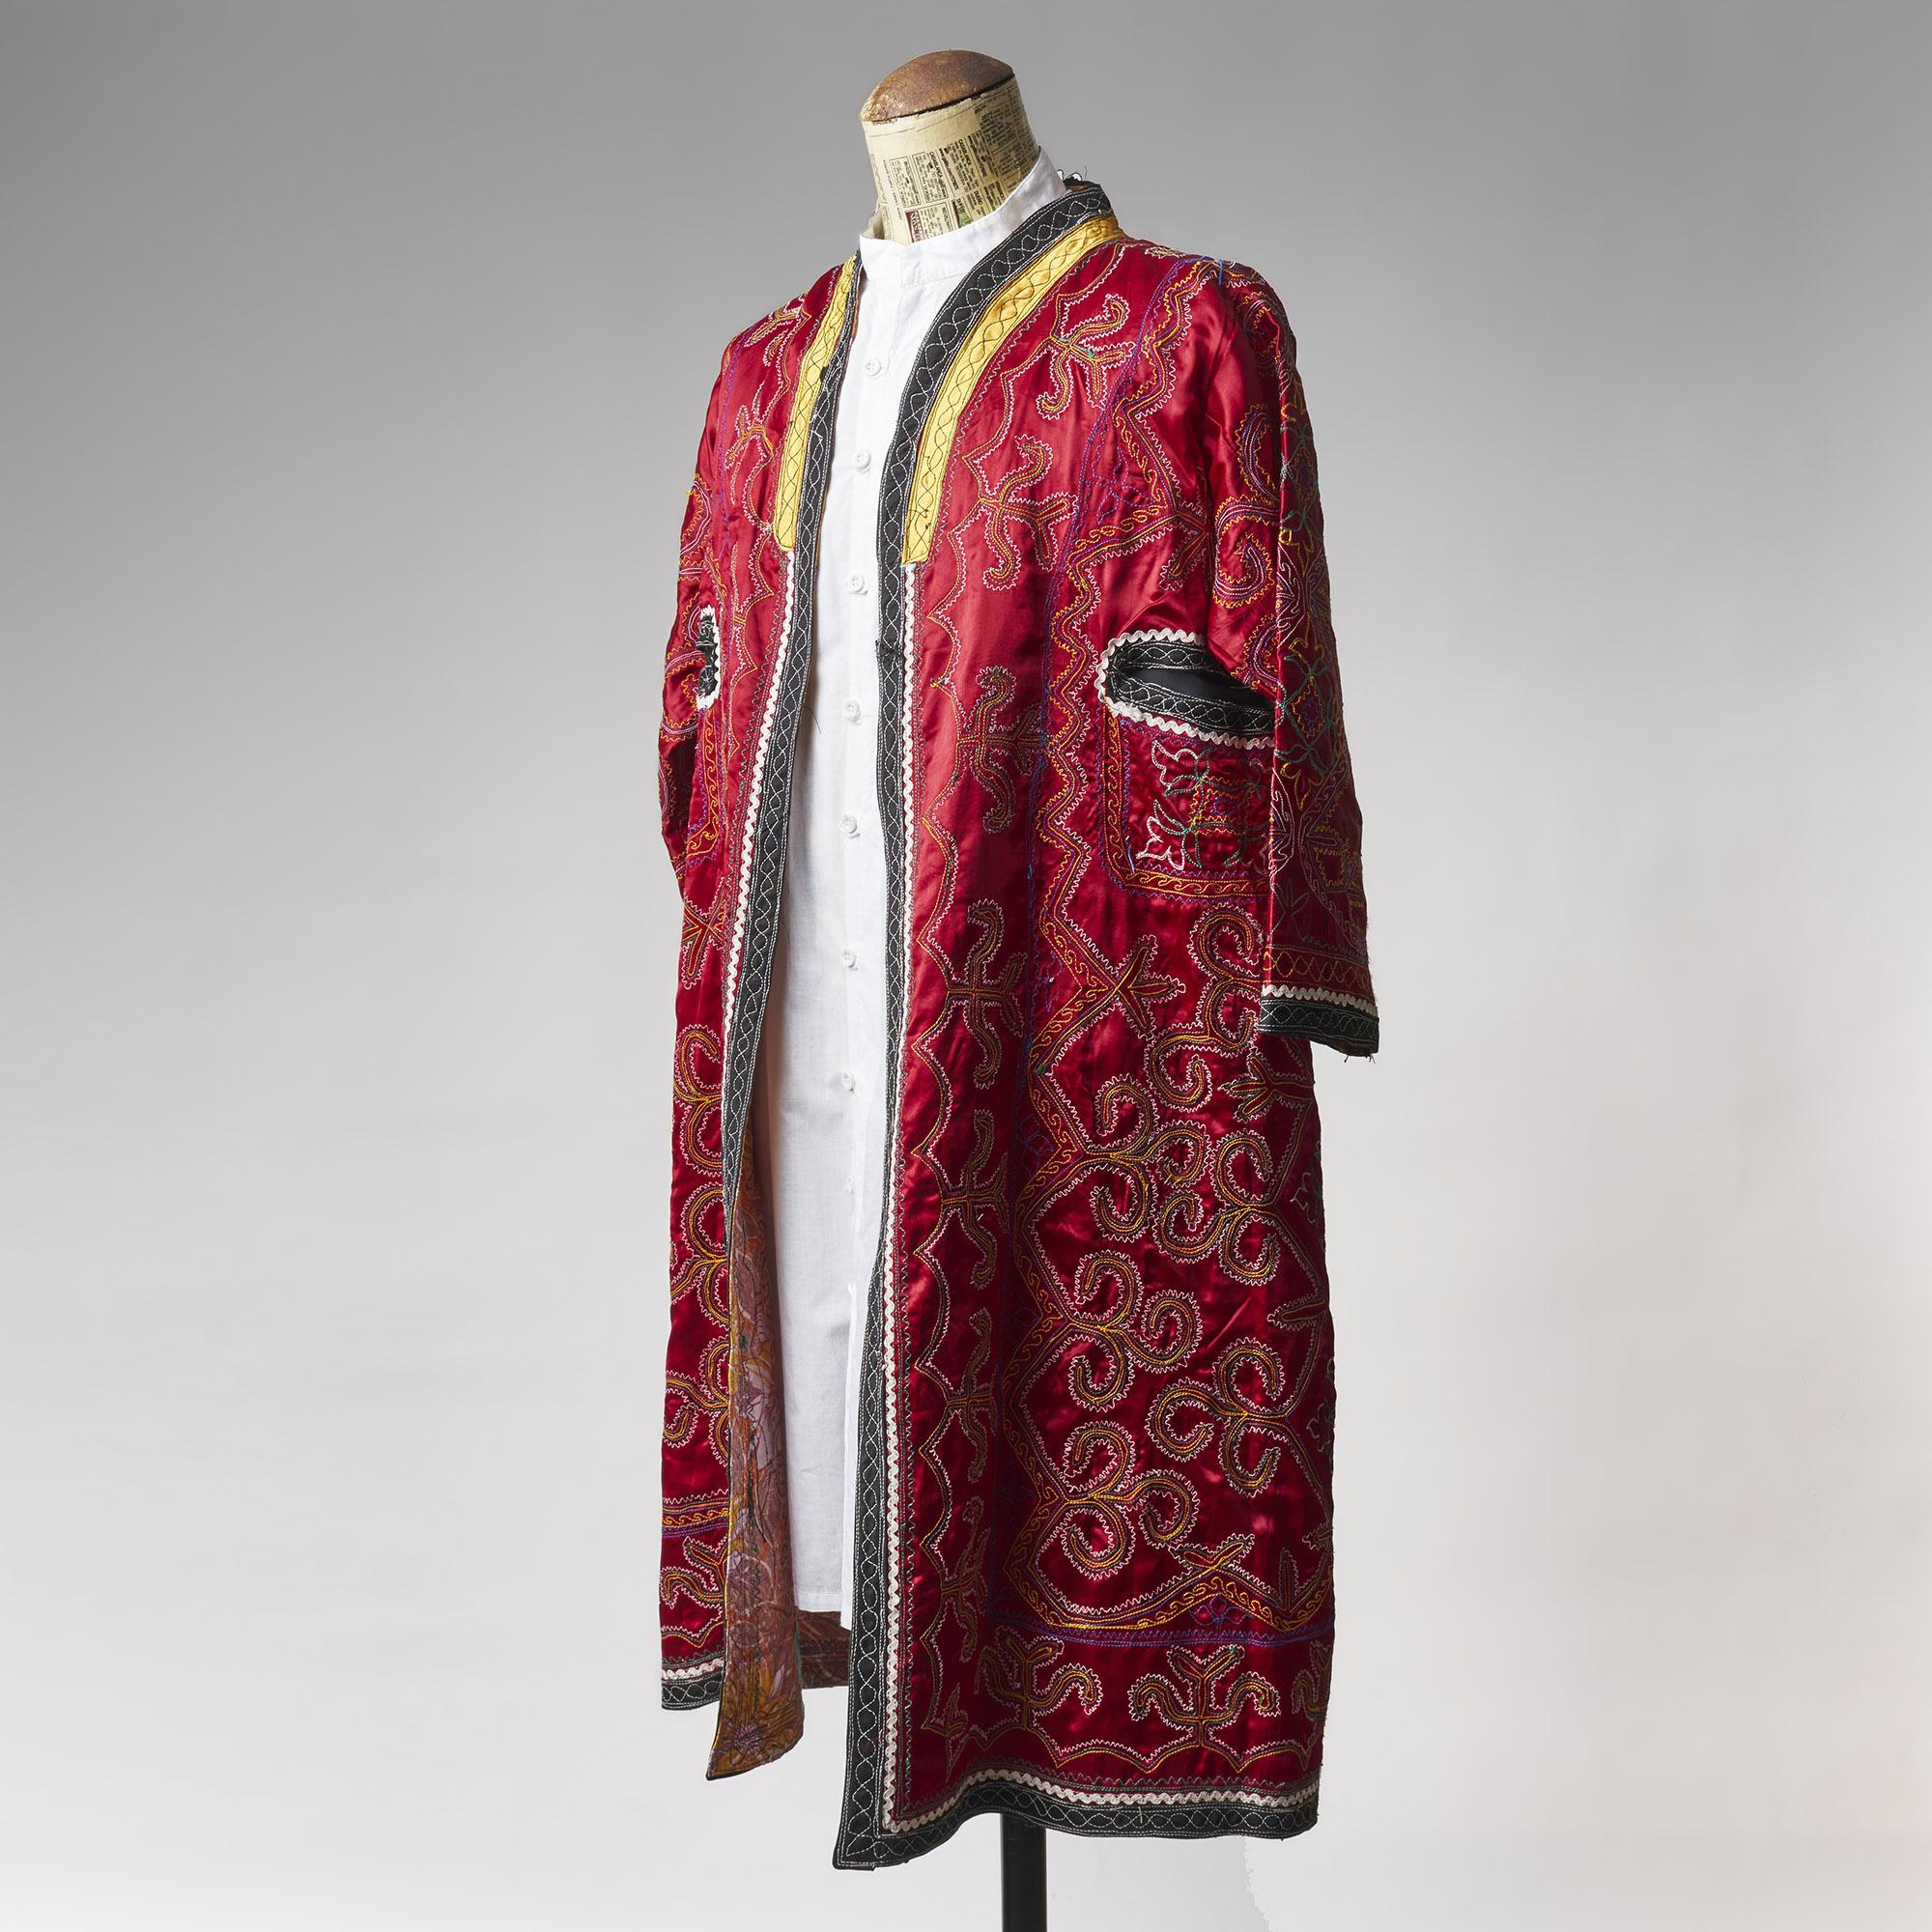 Saco bordado rojo de Uzbekistán